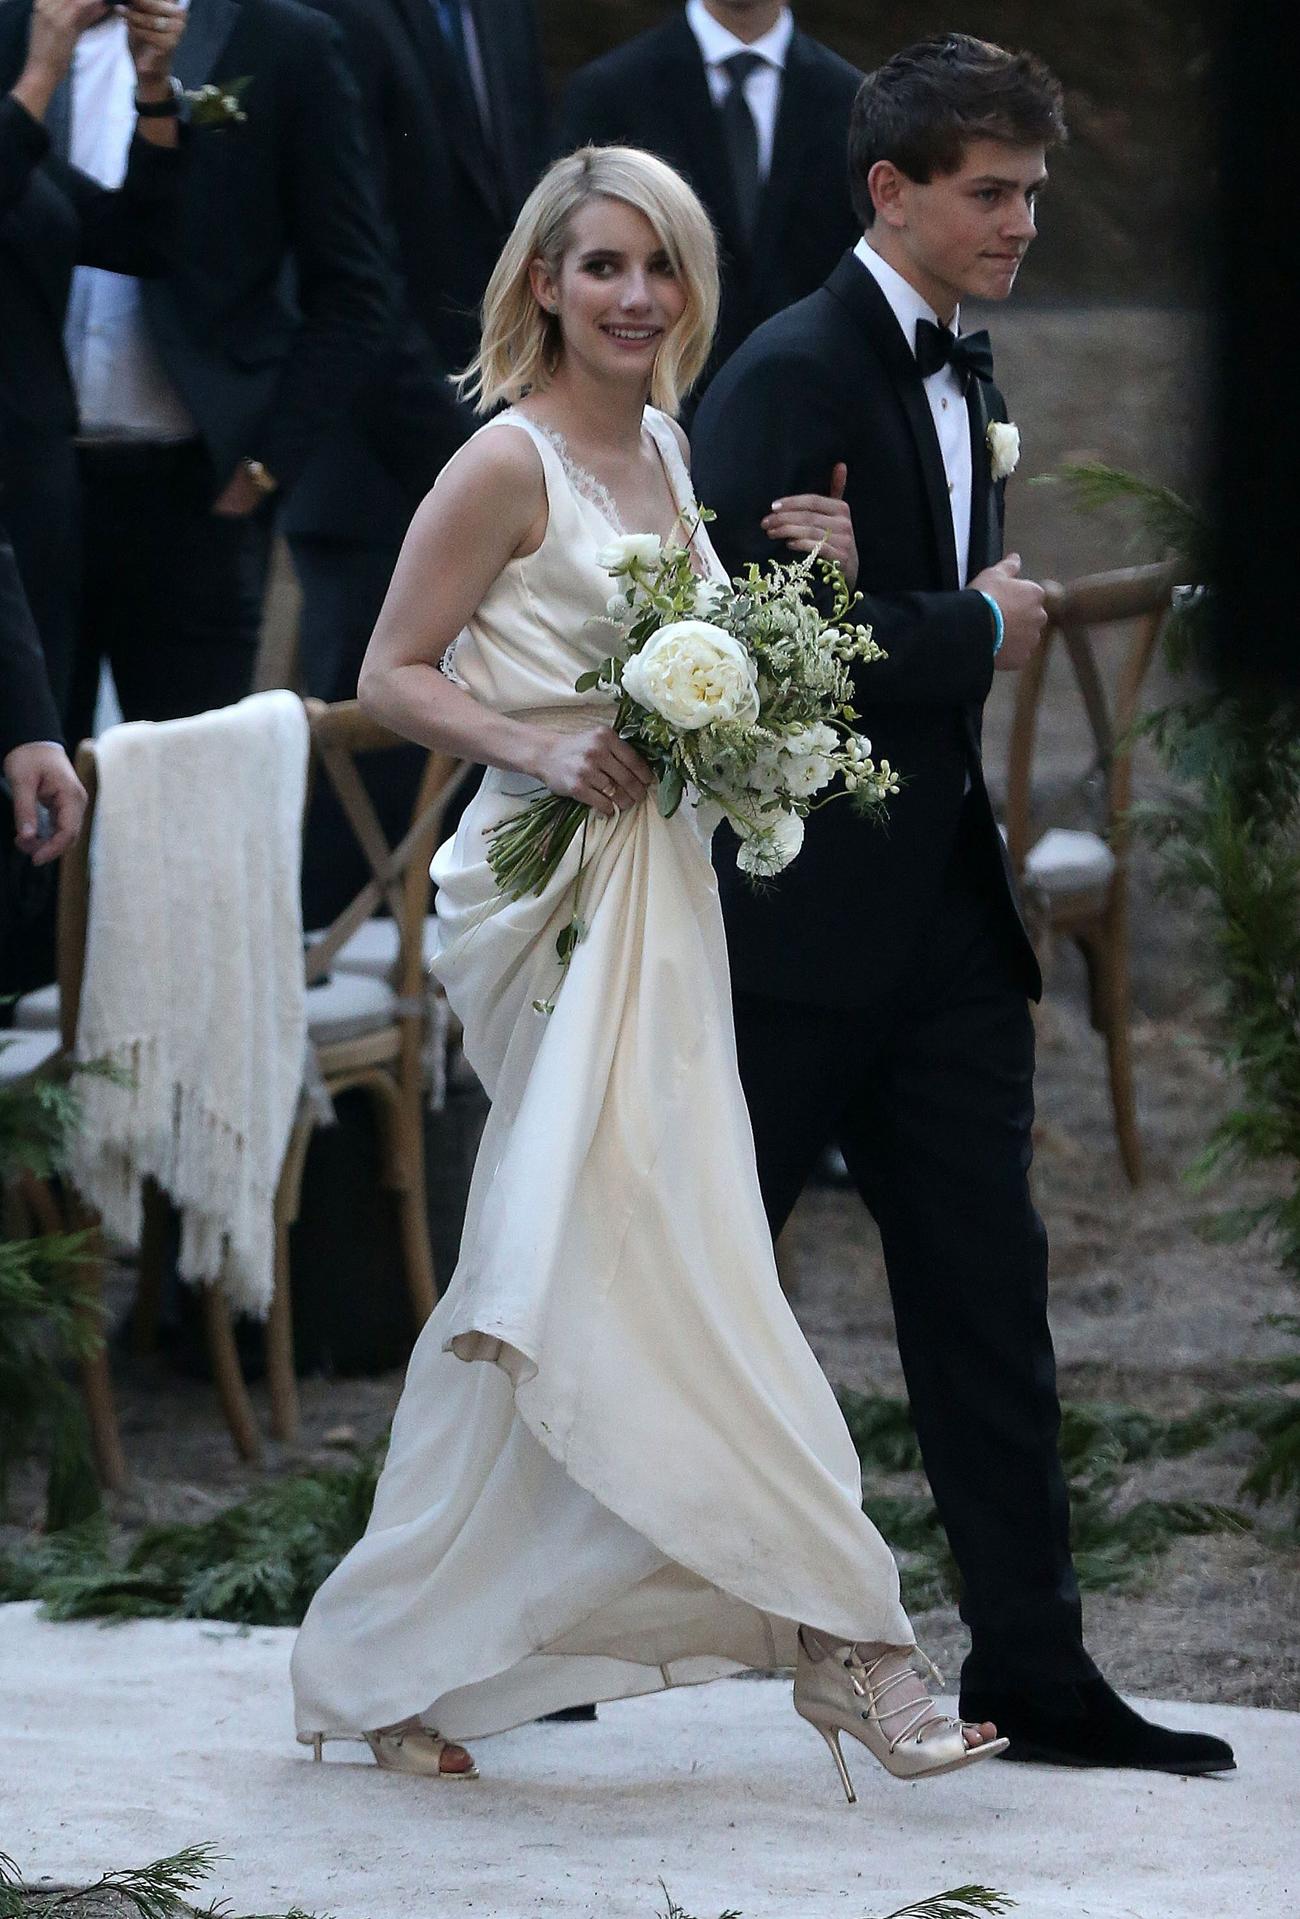 原创             艾玛罗伯茨当伴娘不低调,穿粉裙出席闺蜜婚礼,把新娘风头都抢尽